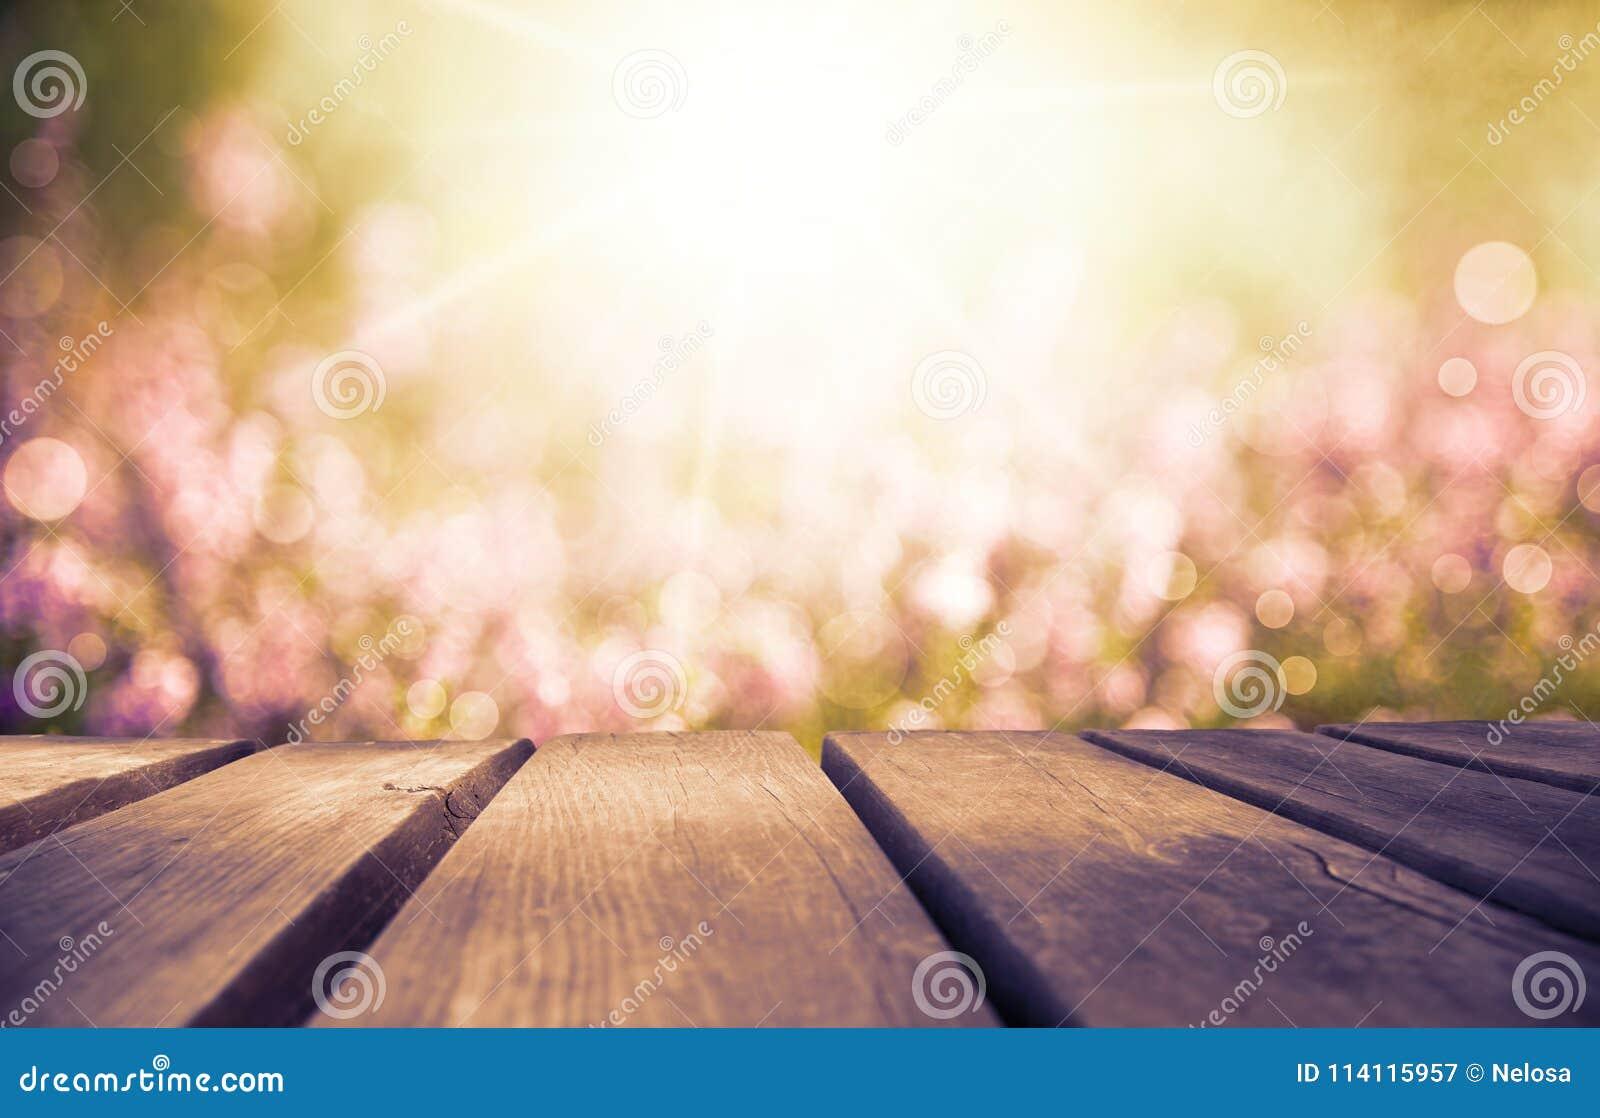 Деревянная доска с полем цветка Эрики как предпосылка, рубиновый ретро фильтр